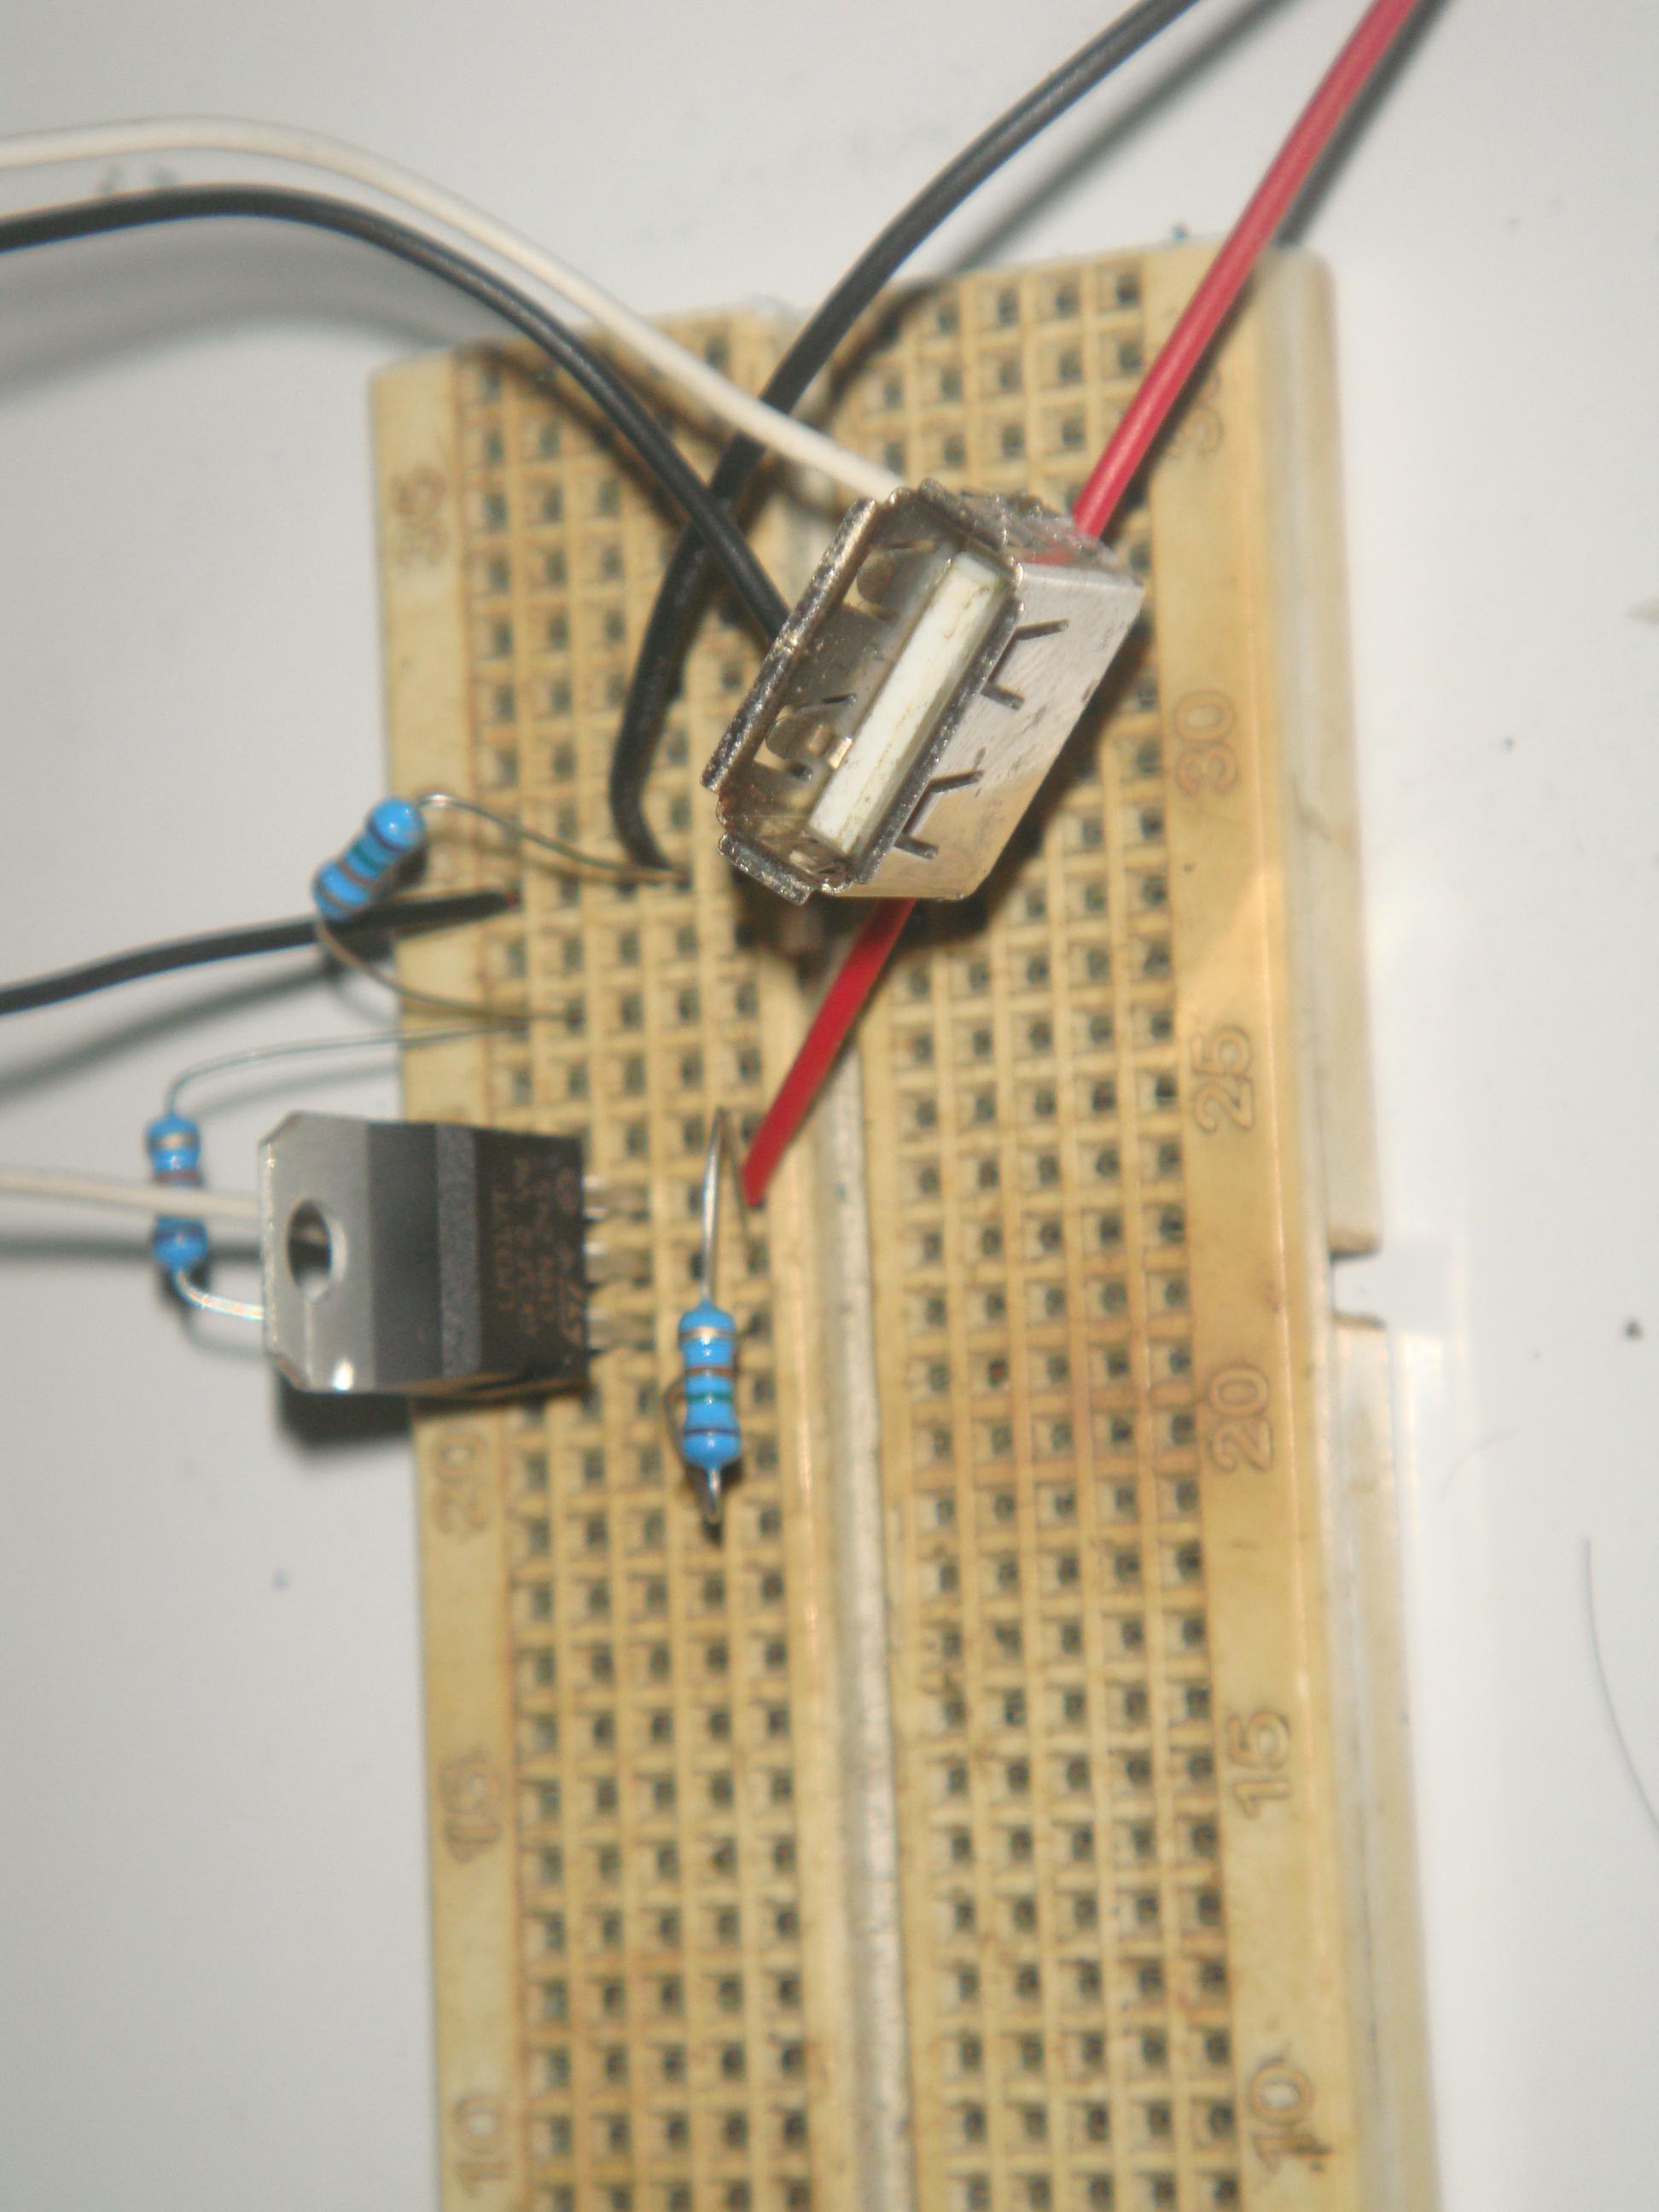 Diy Power Bank Diy4all Usb Powered Battery Charger Circuit Gambar Skema Rangkaian Menurut Perhitungan Kalkulasi Sih Output Pada Lm317 Saya Set Di 528 V Dan 900 Koma Sekian Ma Agar Sesuai Dg Tegangan Charging Dari Ponsel2 Smartphone Yg